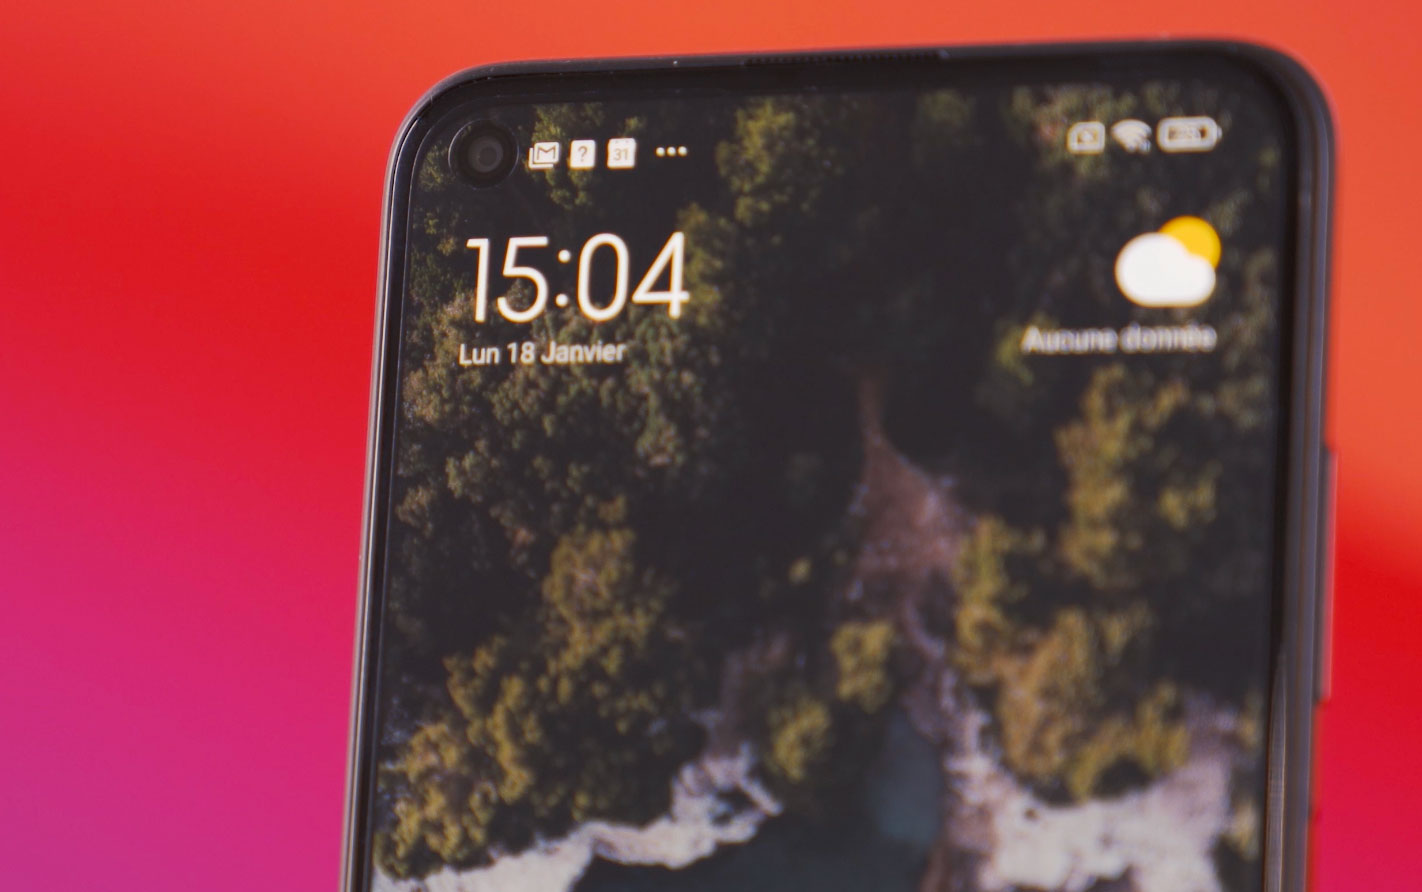 Xiaomi a eu le nez creux de placer le poinçon à cet endroit, il disparaître en effet lorsque nous tiendrons le téléphone couché